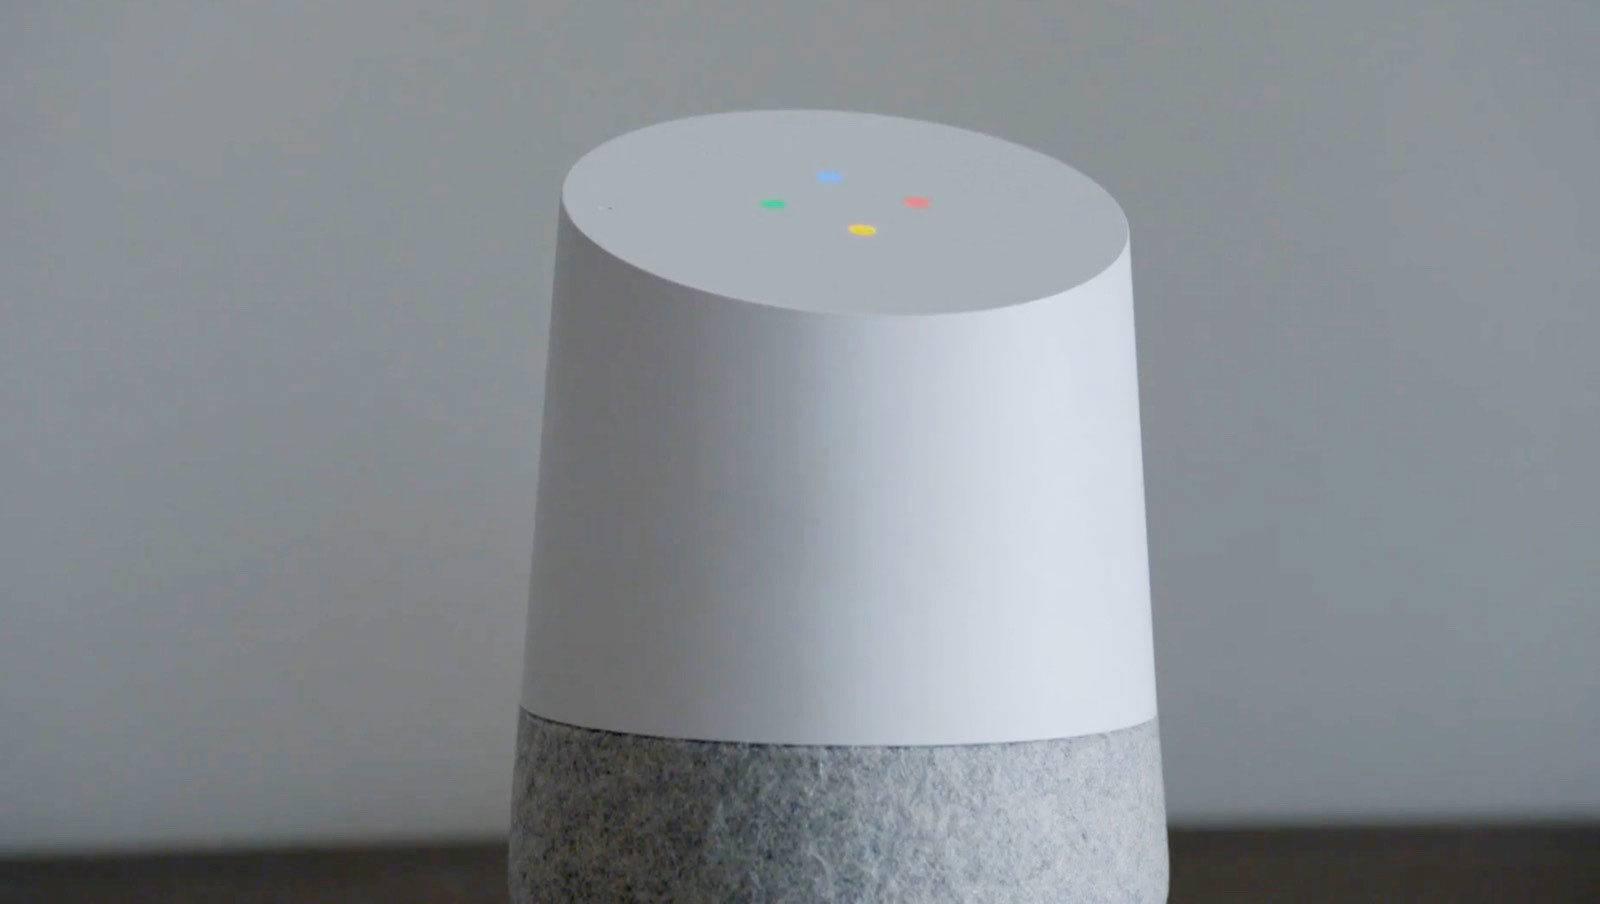 google-home-screen-1600.jpg